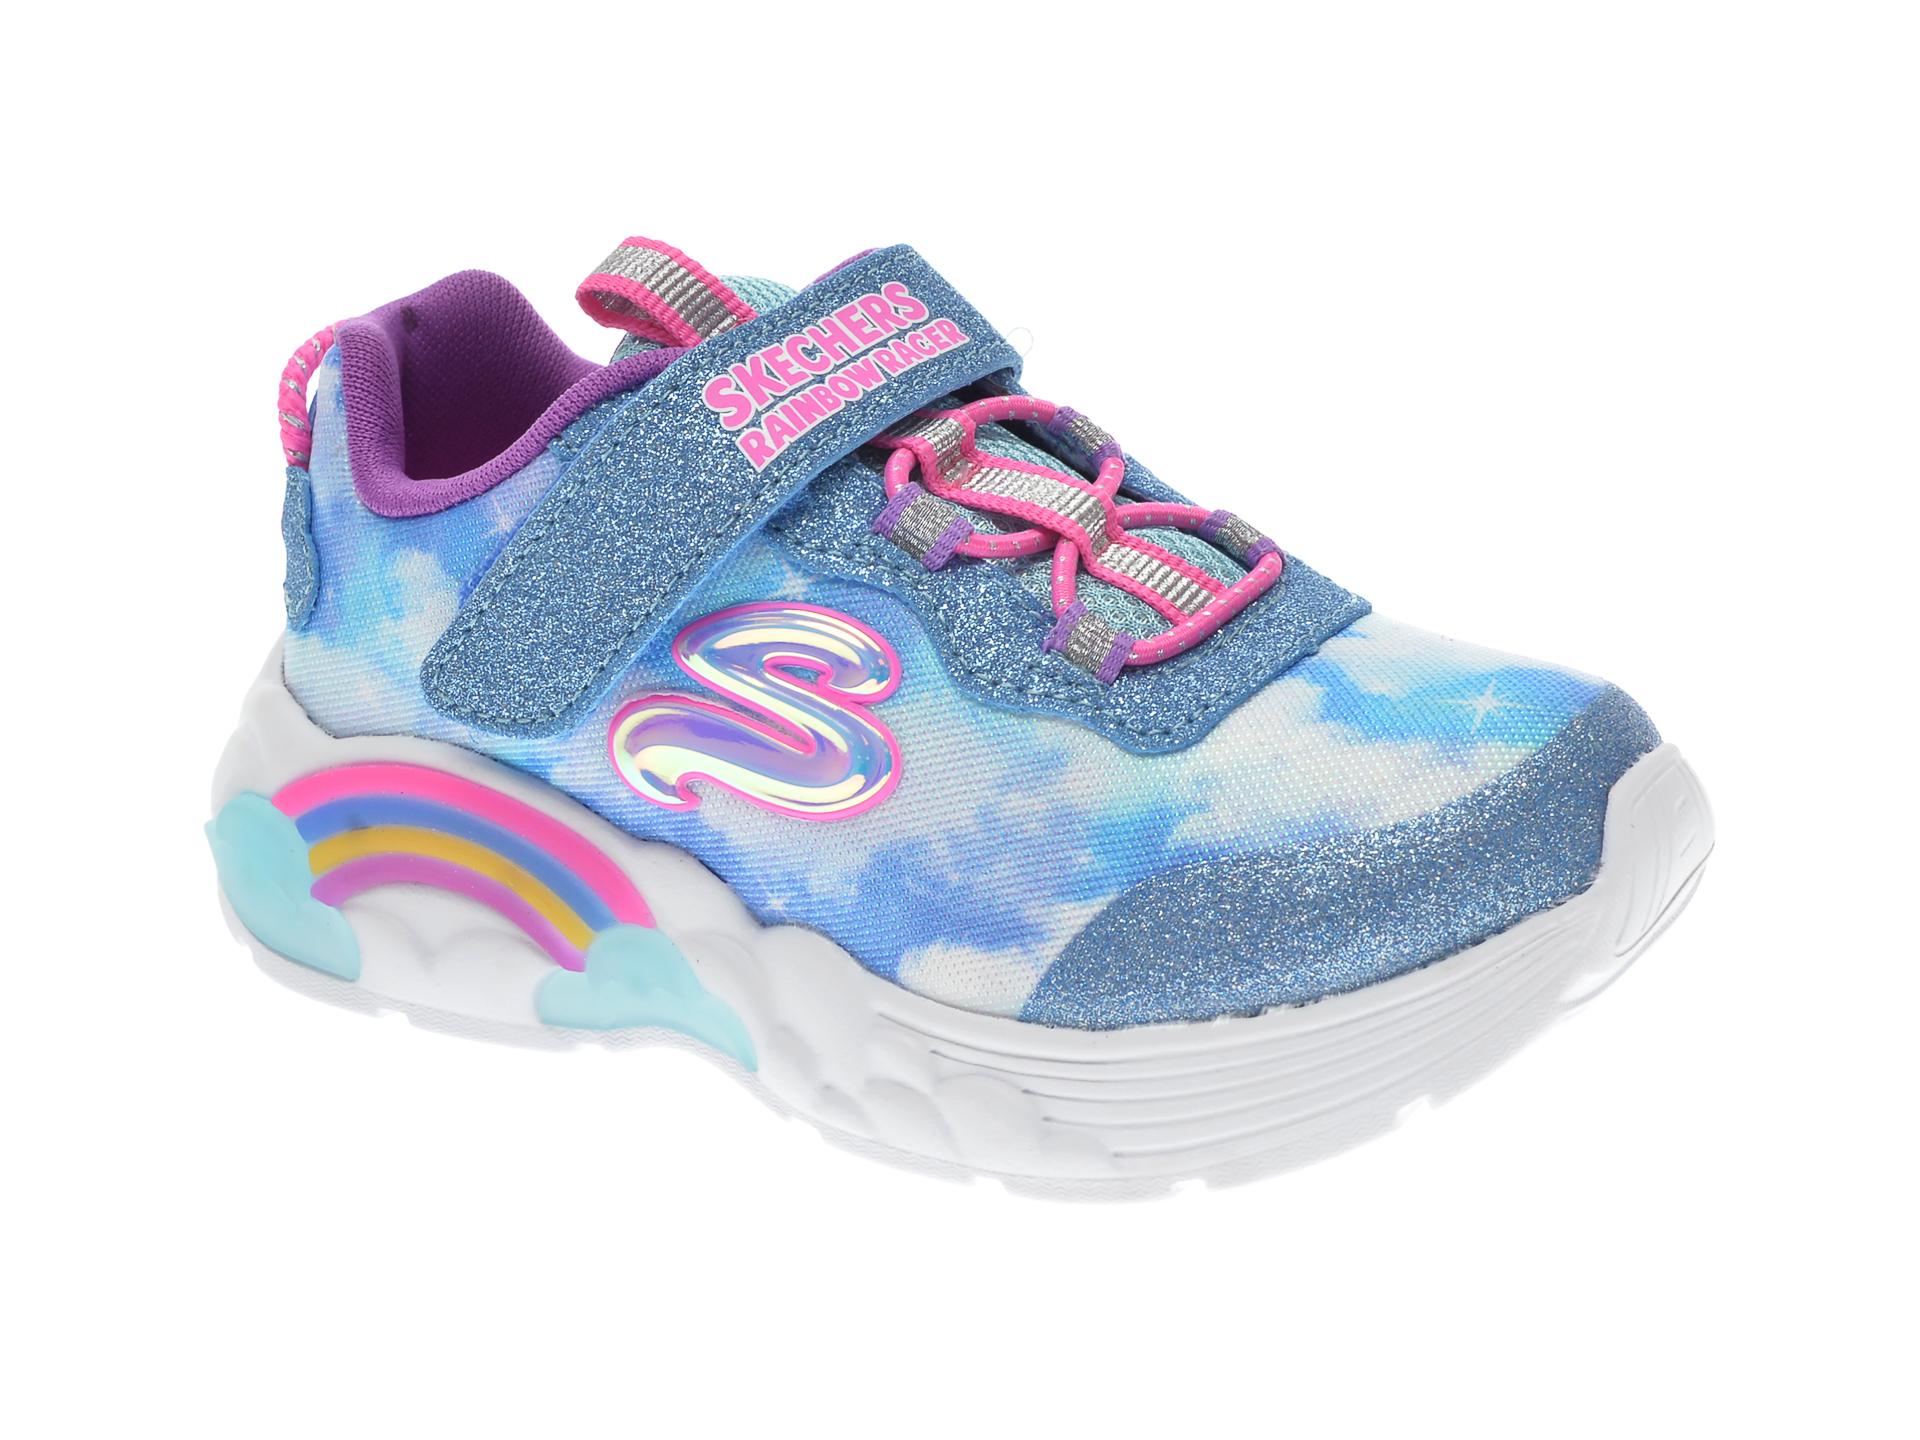 Pantofi sport SKECHERS albastri, RAINBOW RACER, din material textil imagine otter.ro